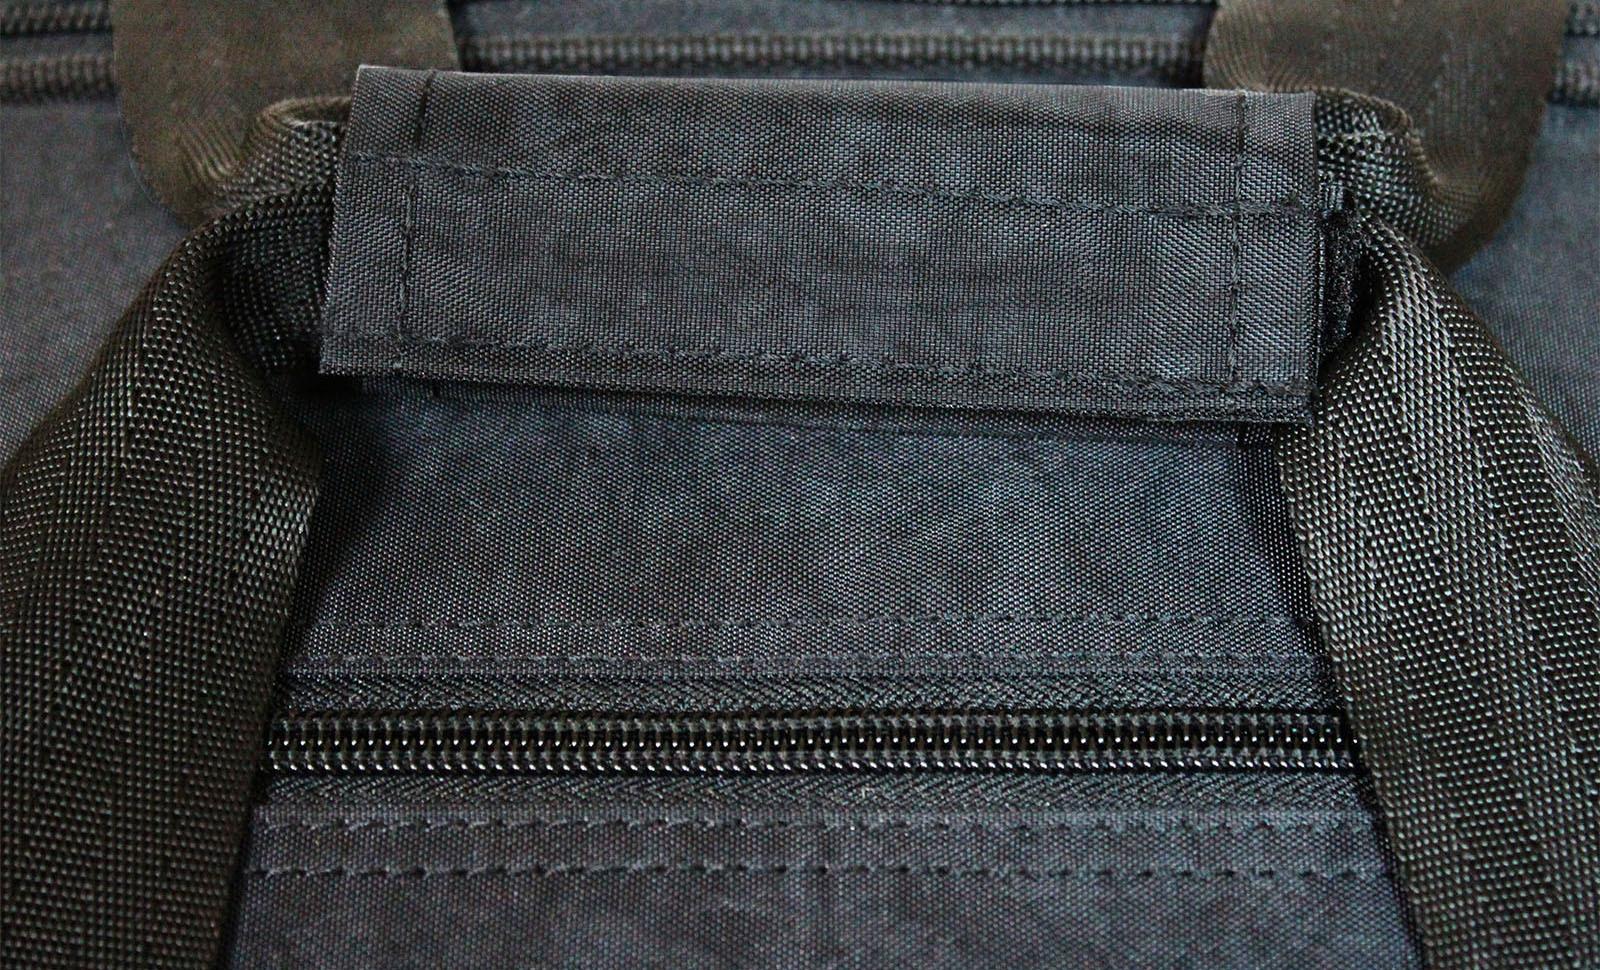 4bb957f7bd02 Bagland Riga 36 - купить сумку дорожную: цены, отзывы ...